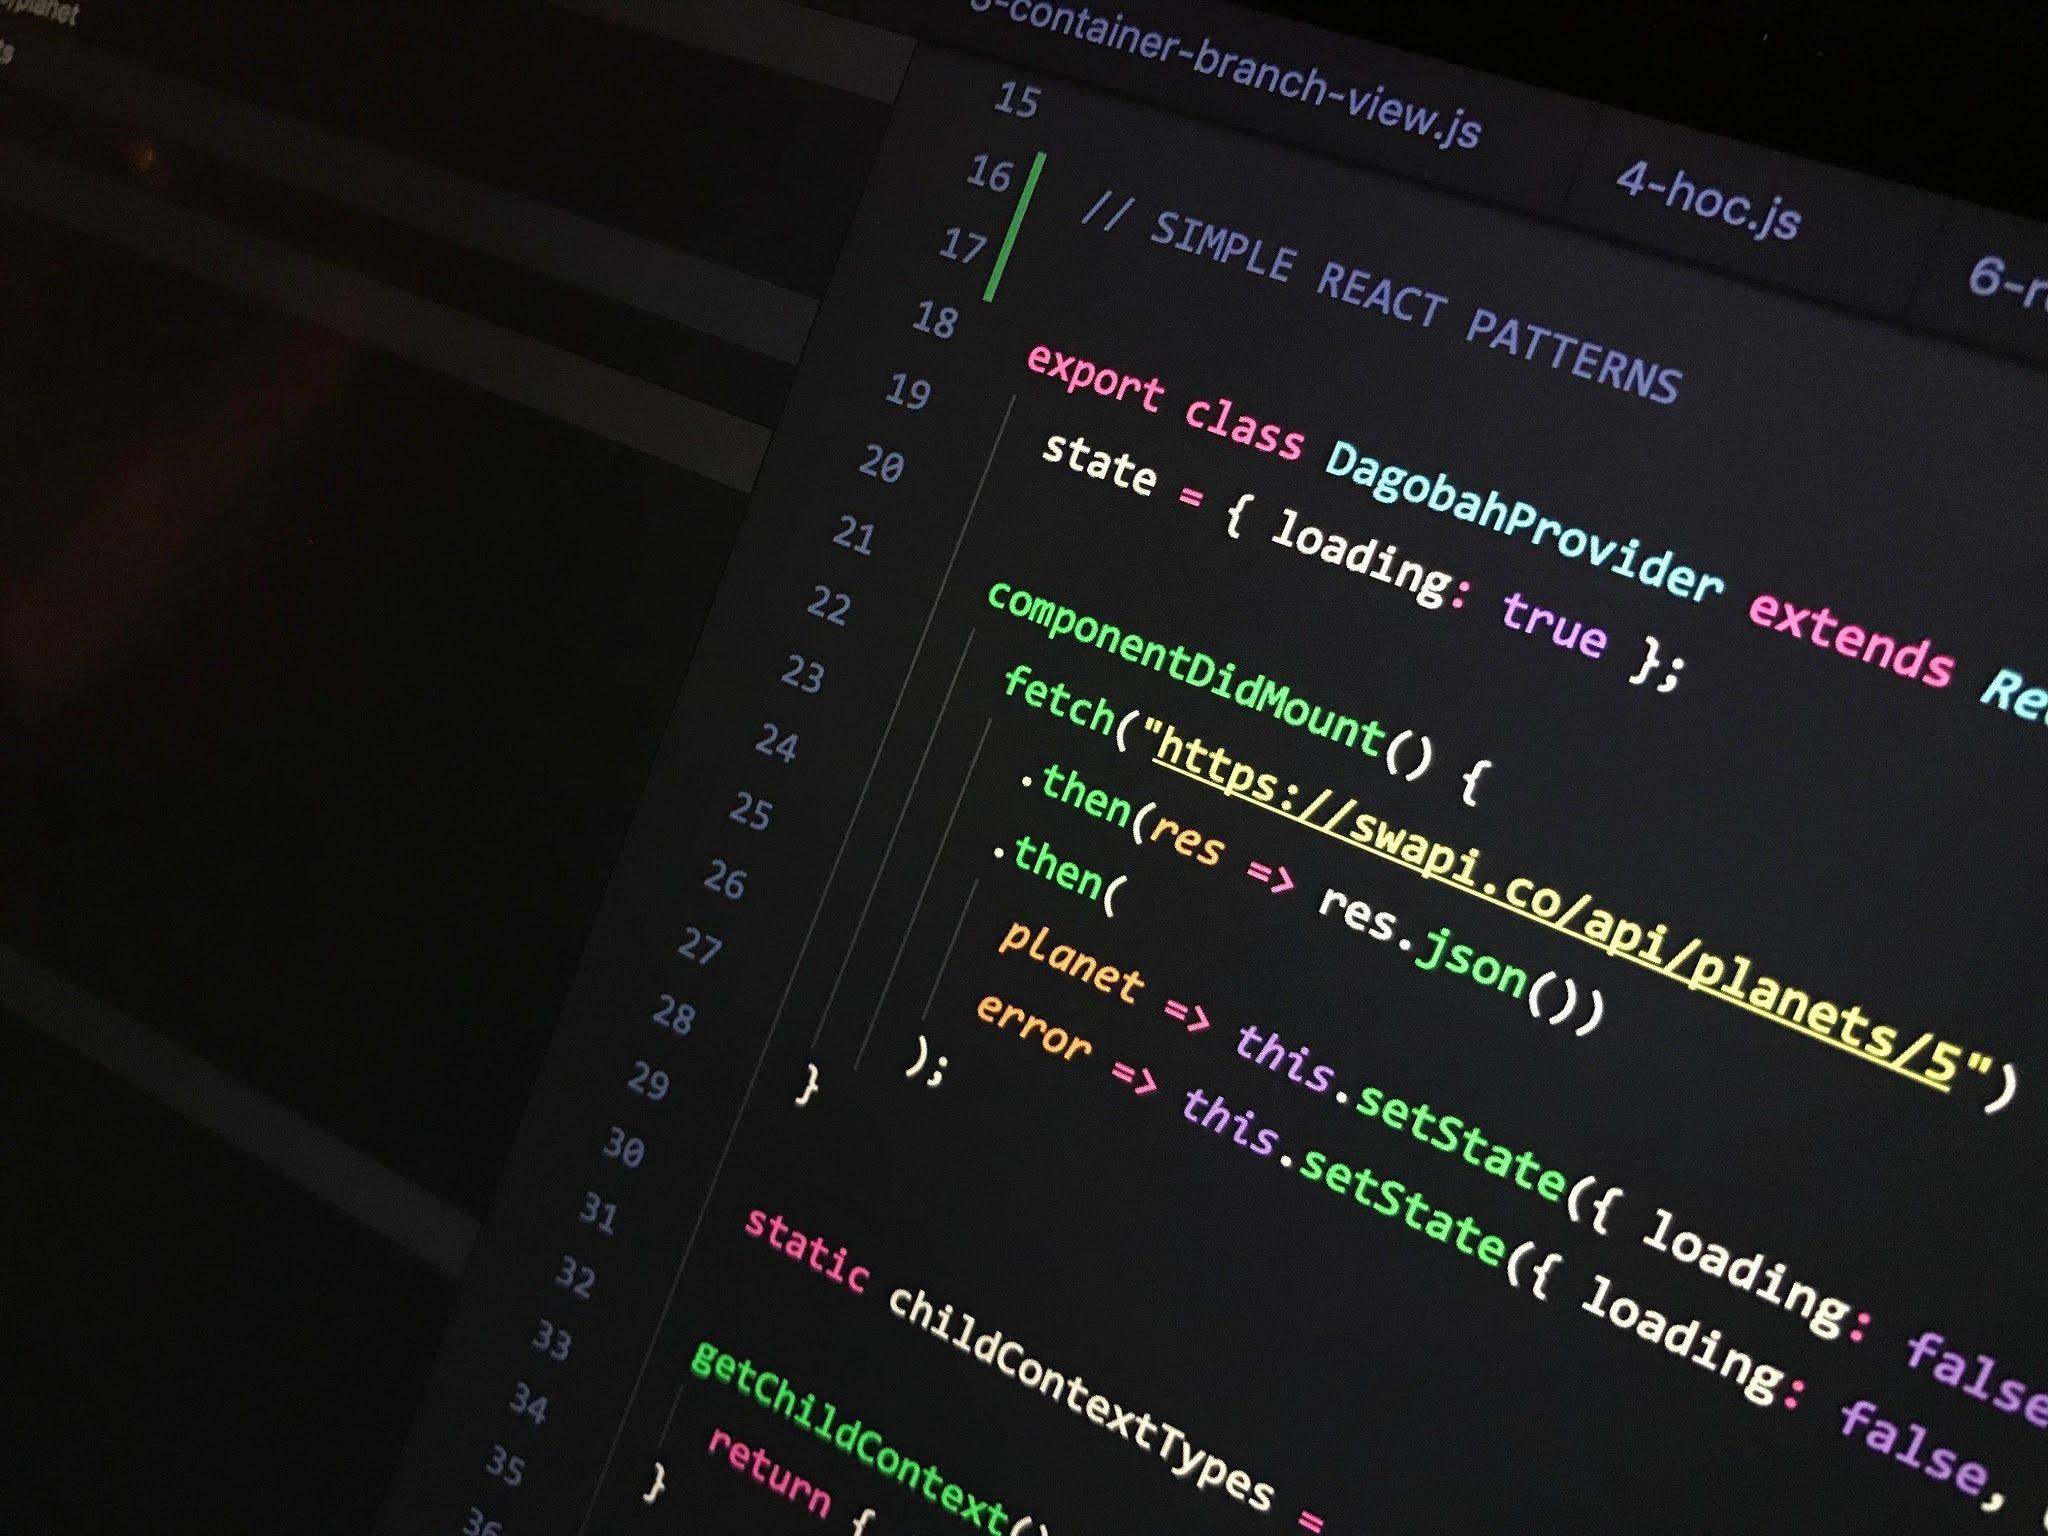 مرتب سازی آرایه ها – تکنیک های برنامه نویسی